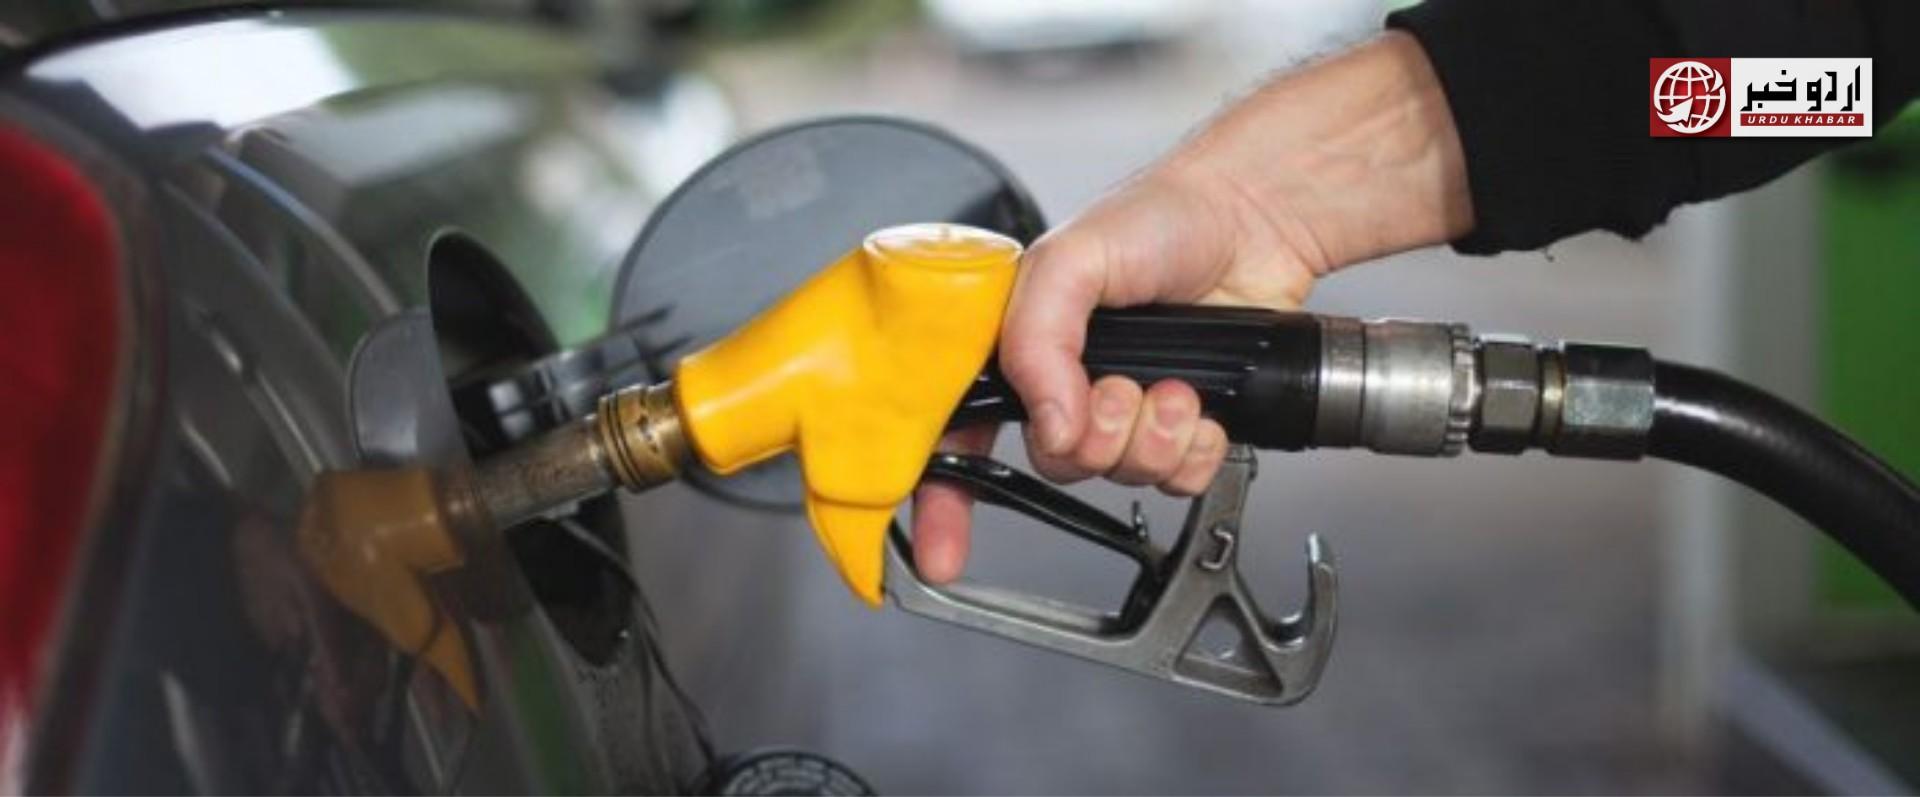 پیٹرولیم مصنوعات کی قیمتوں میں بےتحاشہ اضافہ